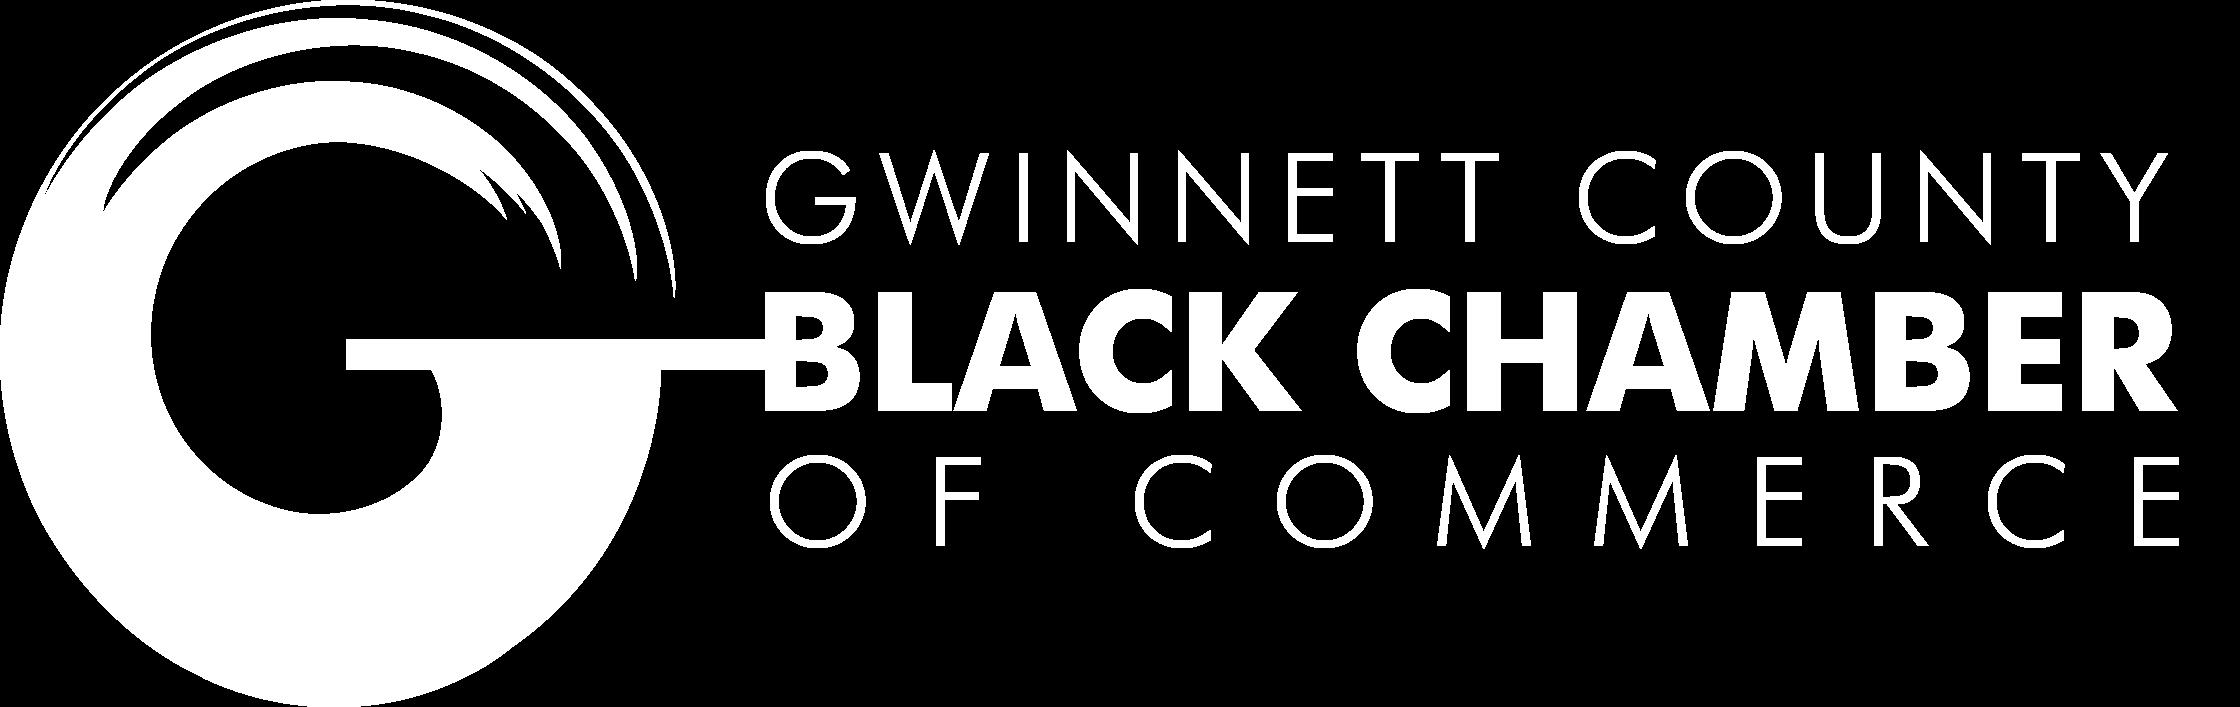 Gwinnett County Black Chamber of Commerce